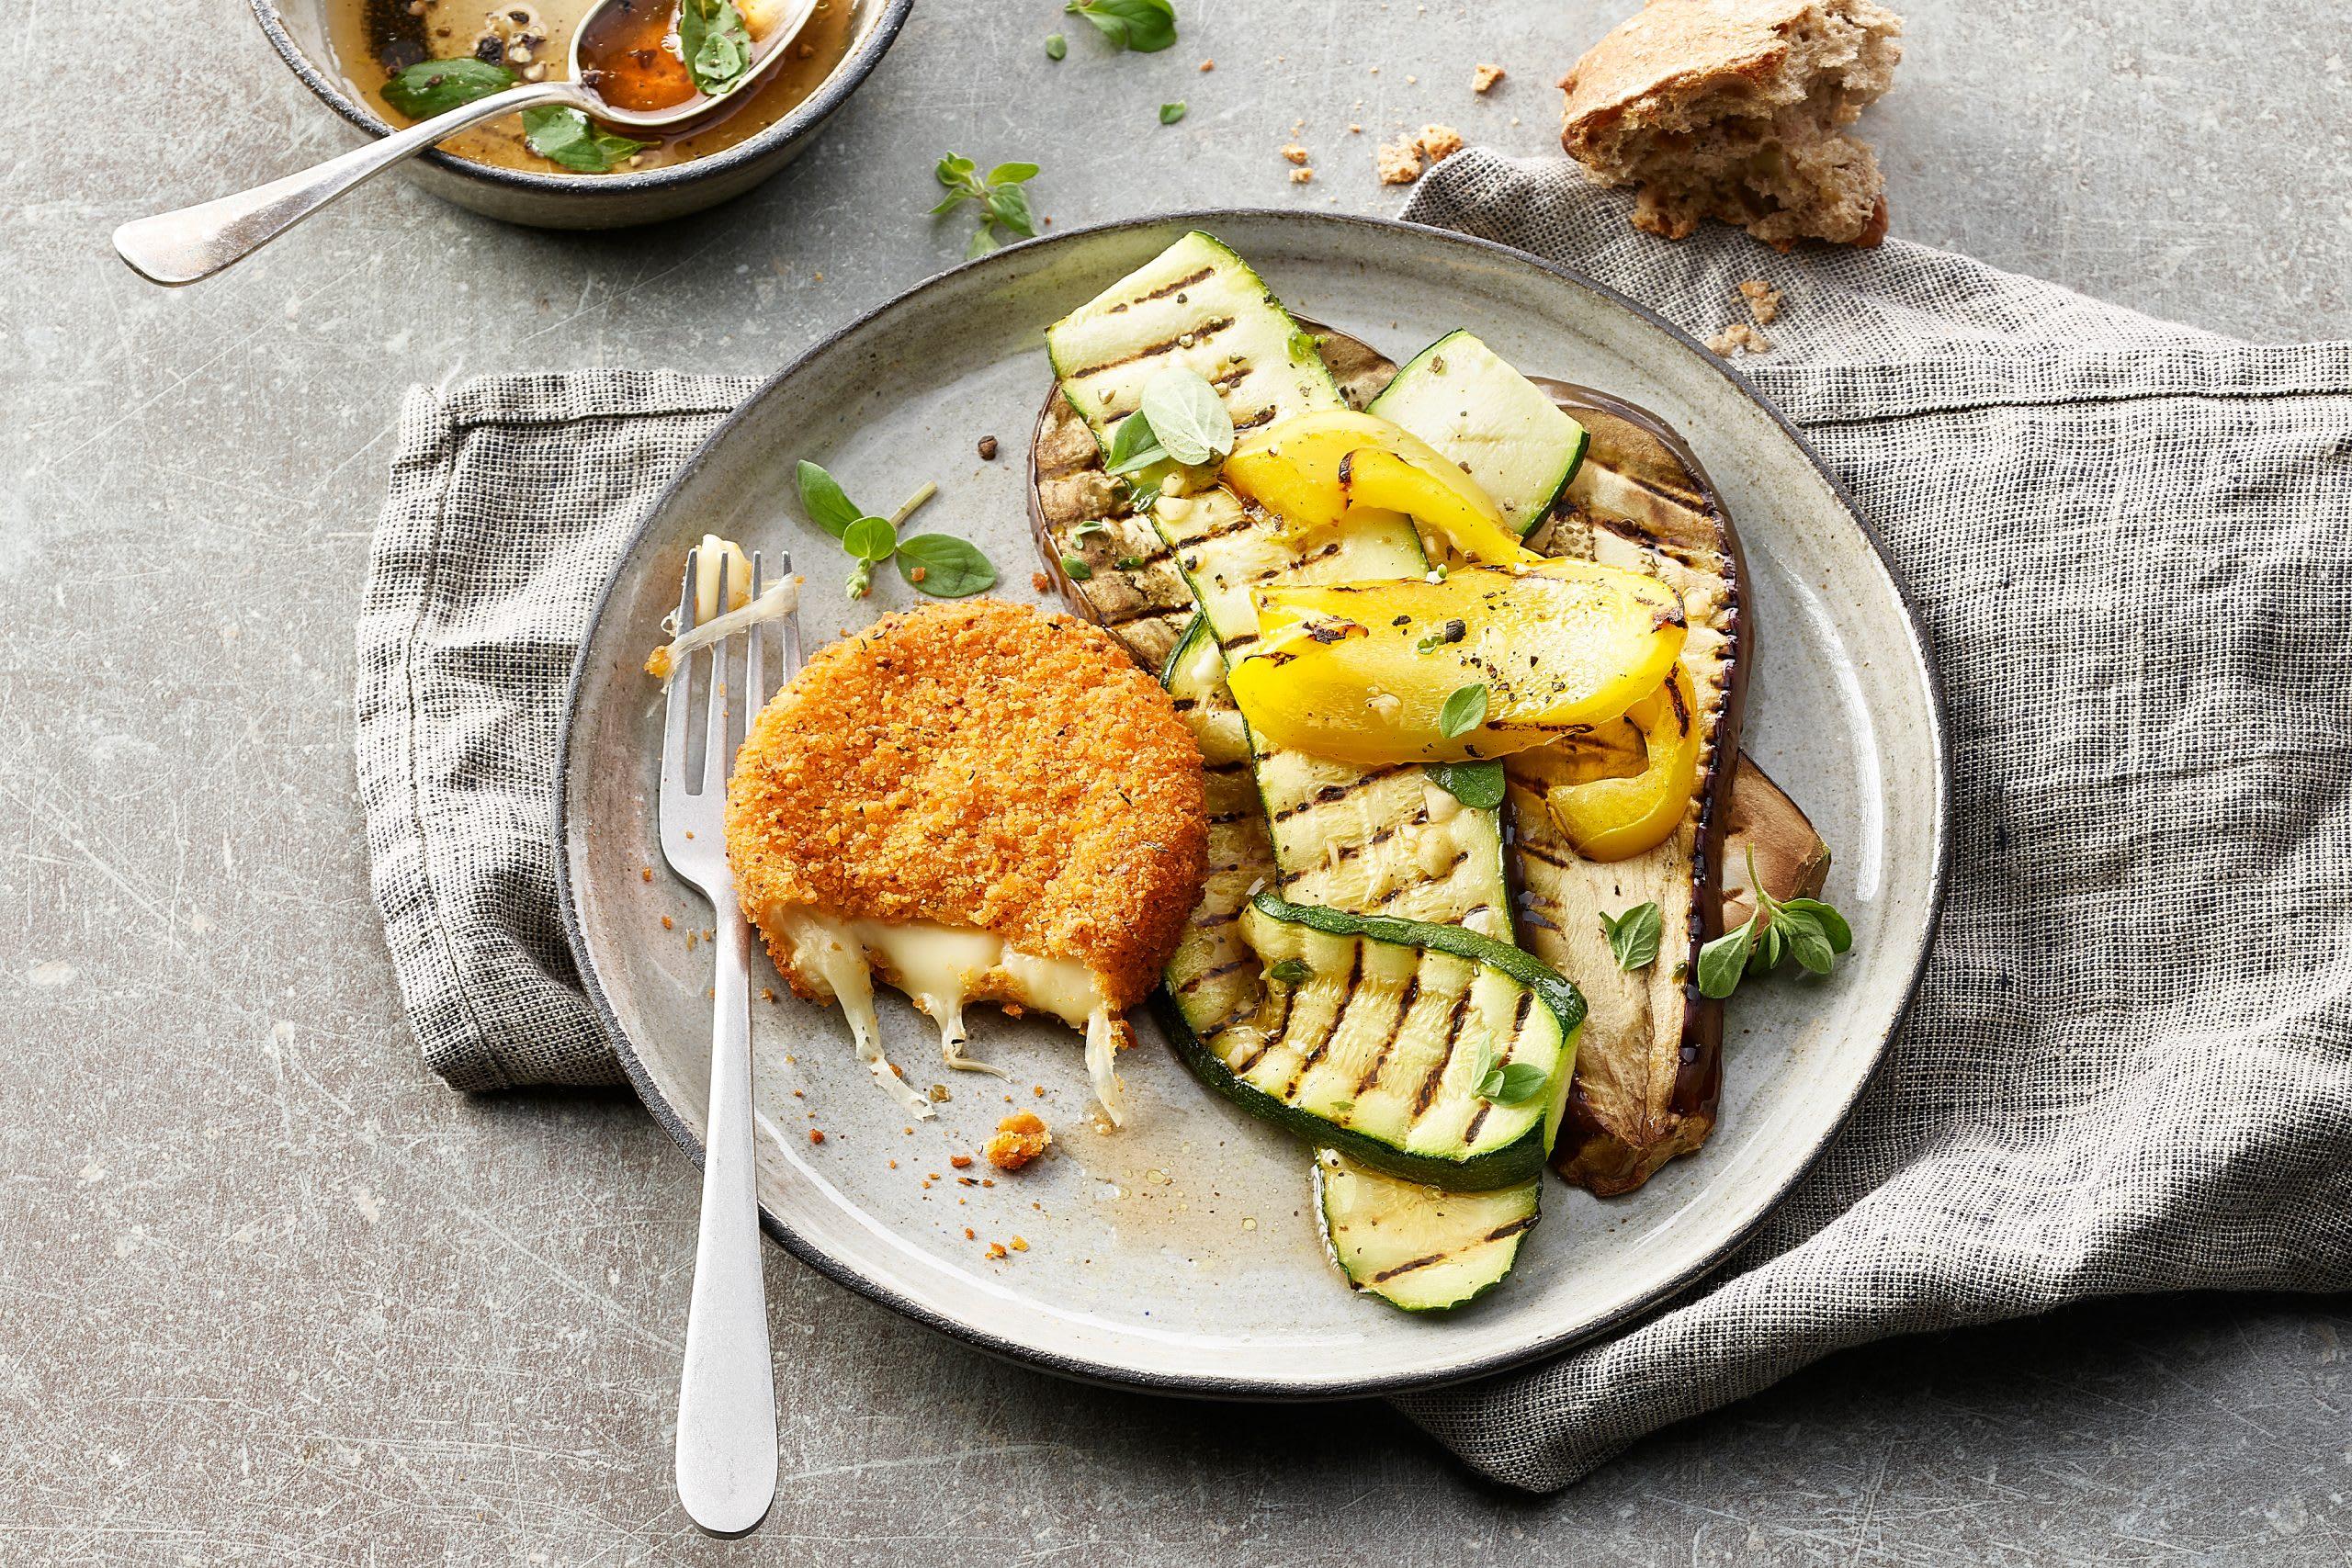 Grillierter Gemüsesalat mit paniertem Grillkäse